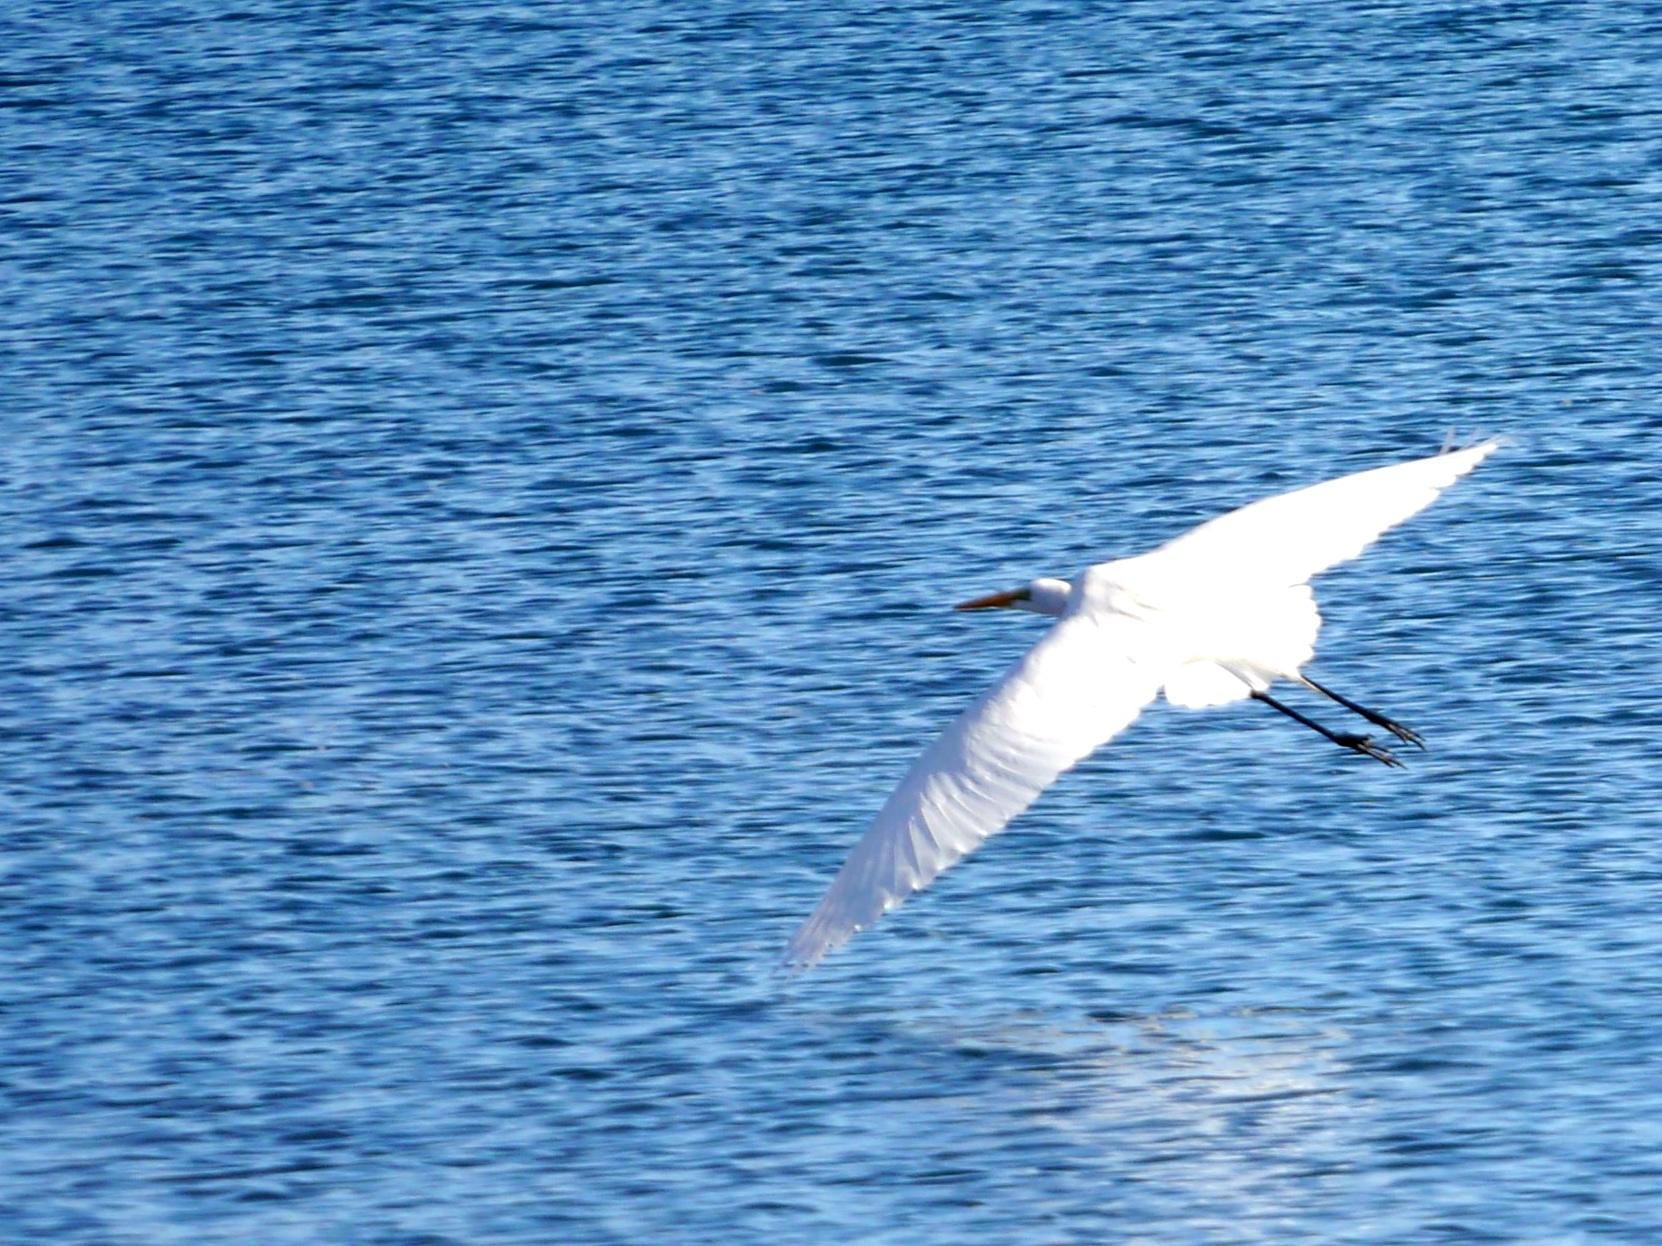 3-27-17 Great Egret in flight copy.jpg